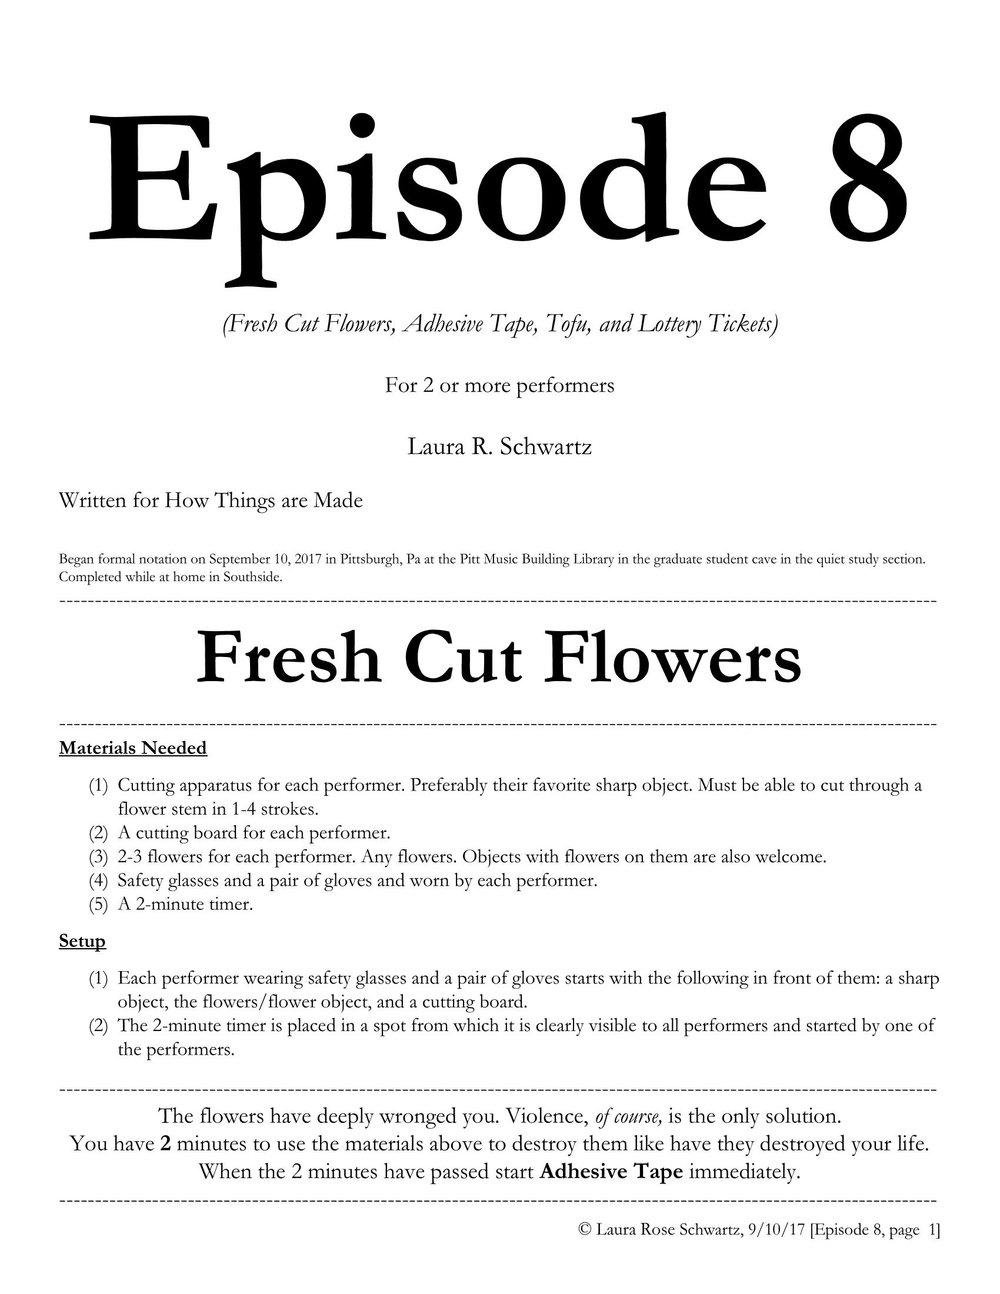 Episode 8_LSchwartz_Score_Page_1.jpeg